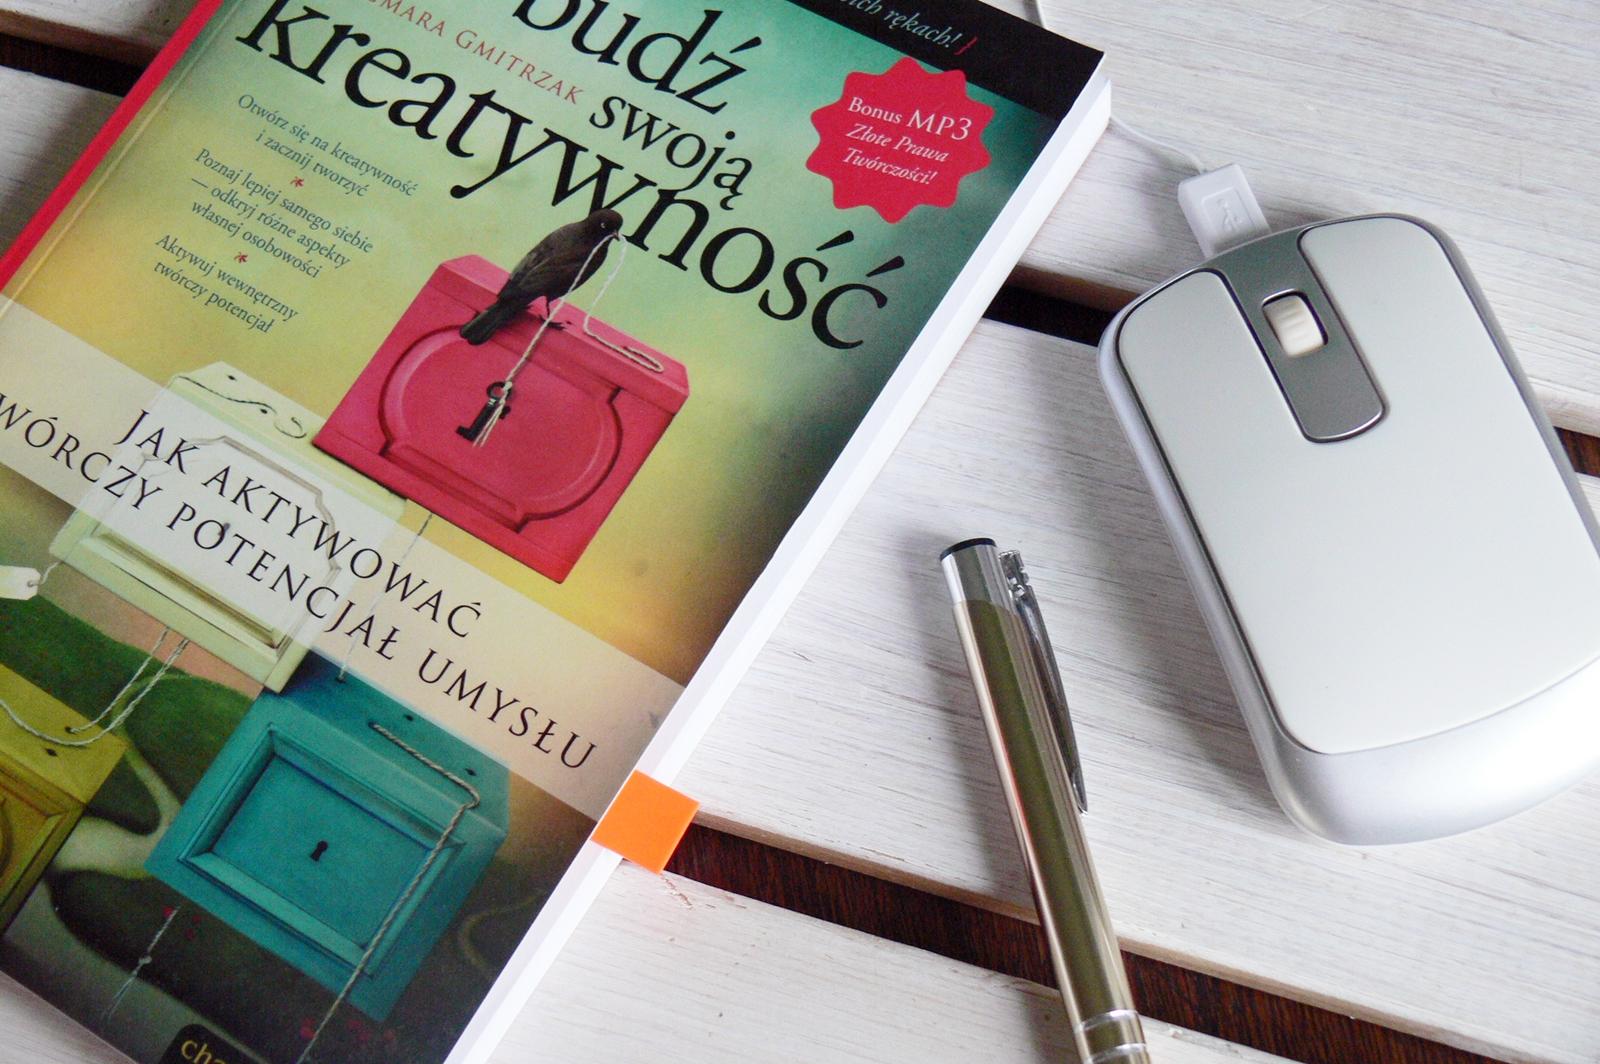 Czego o sobie dowiedziałam się z książki Obudź swoją kreatywność?